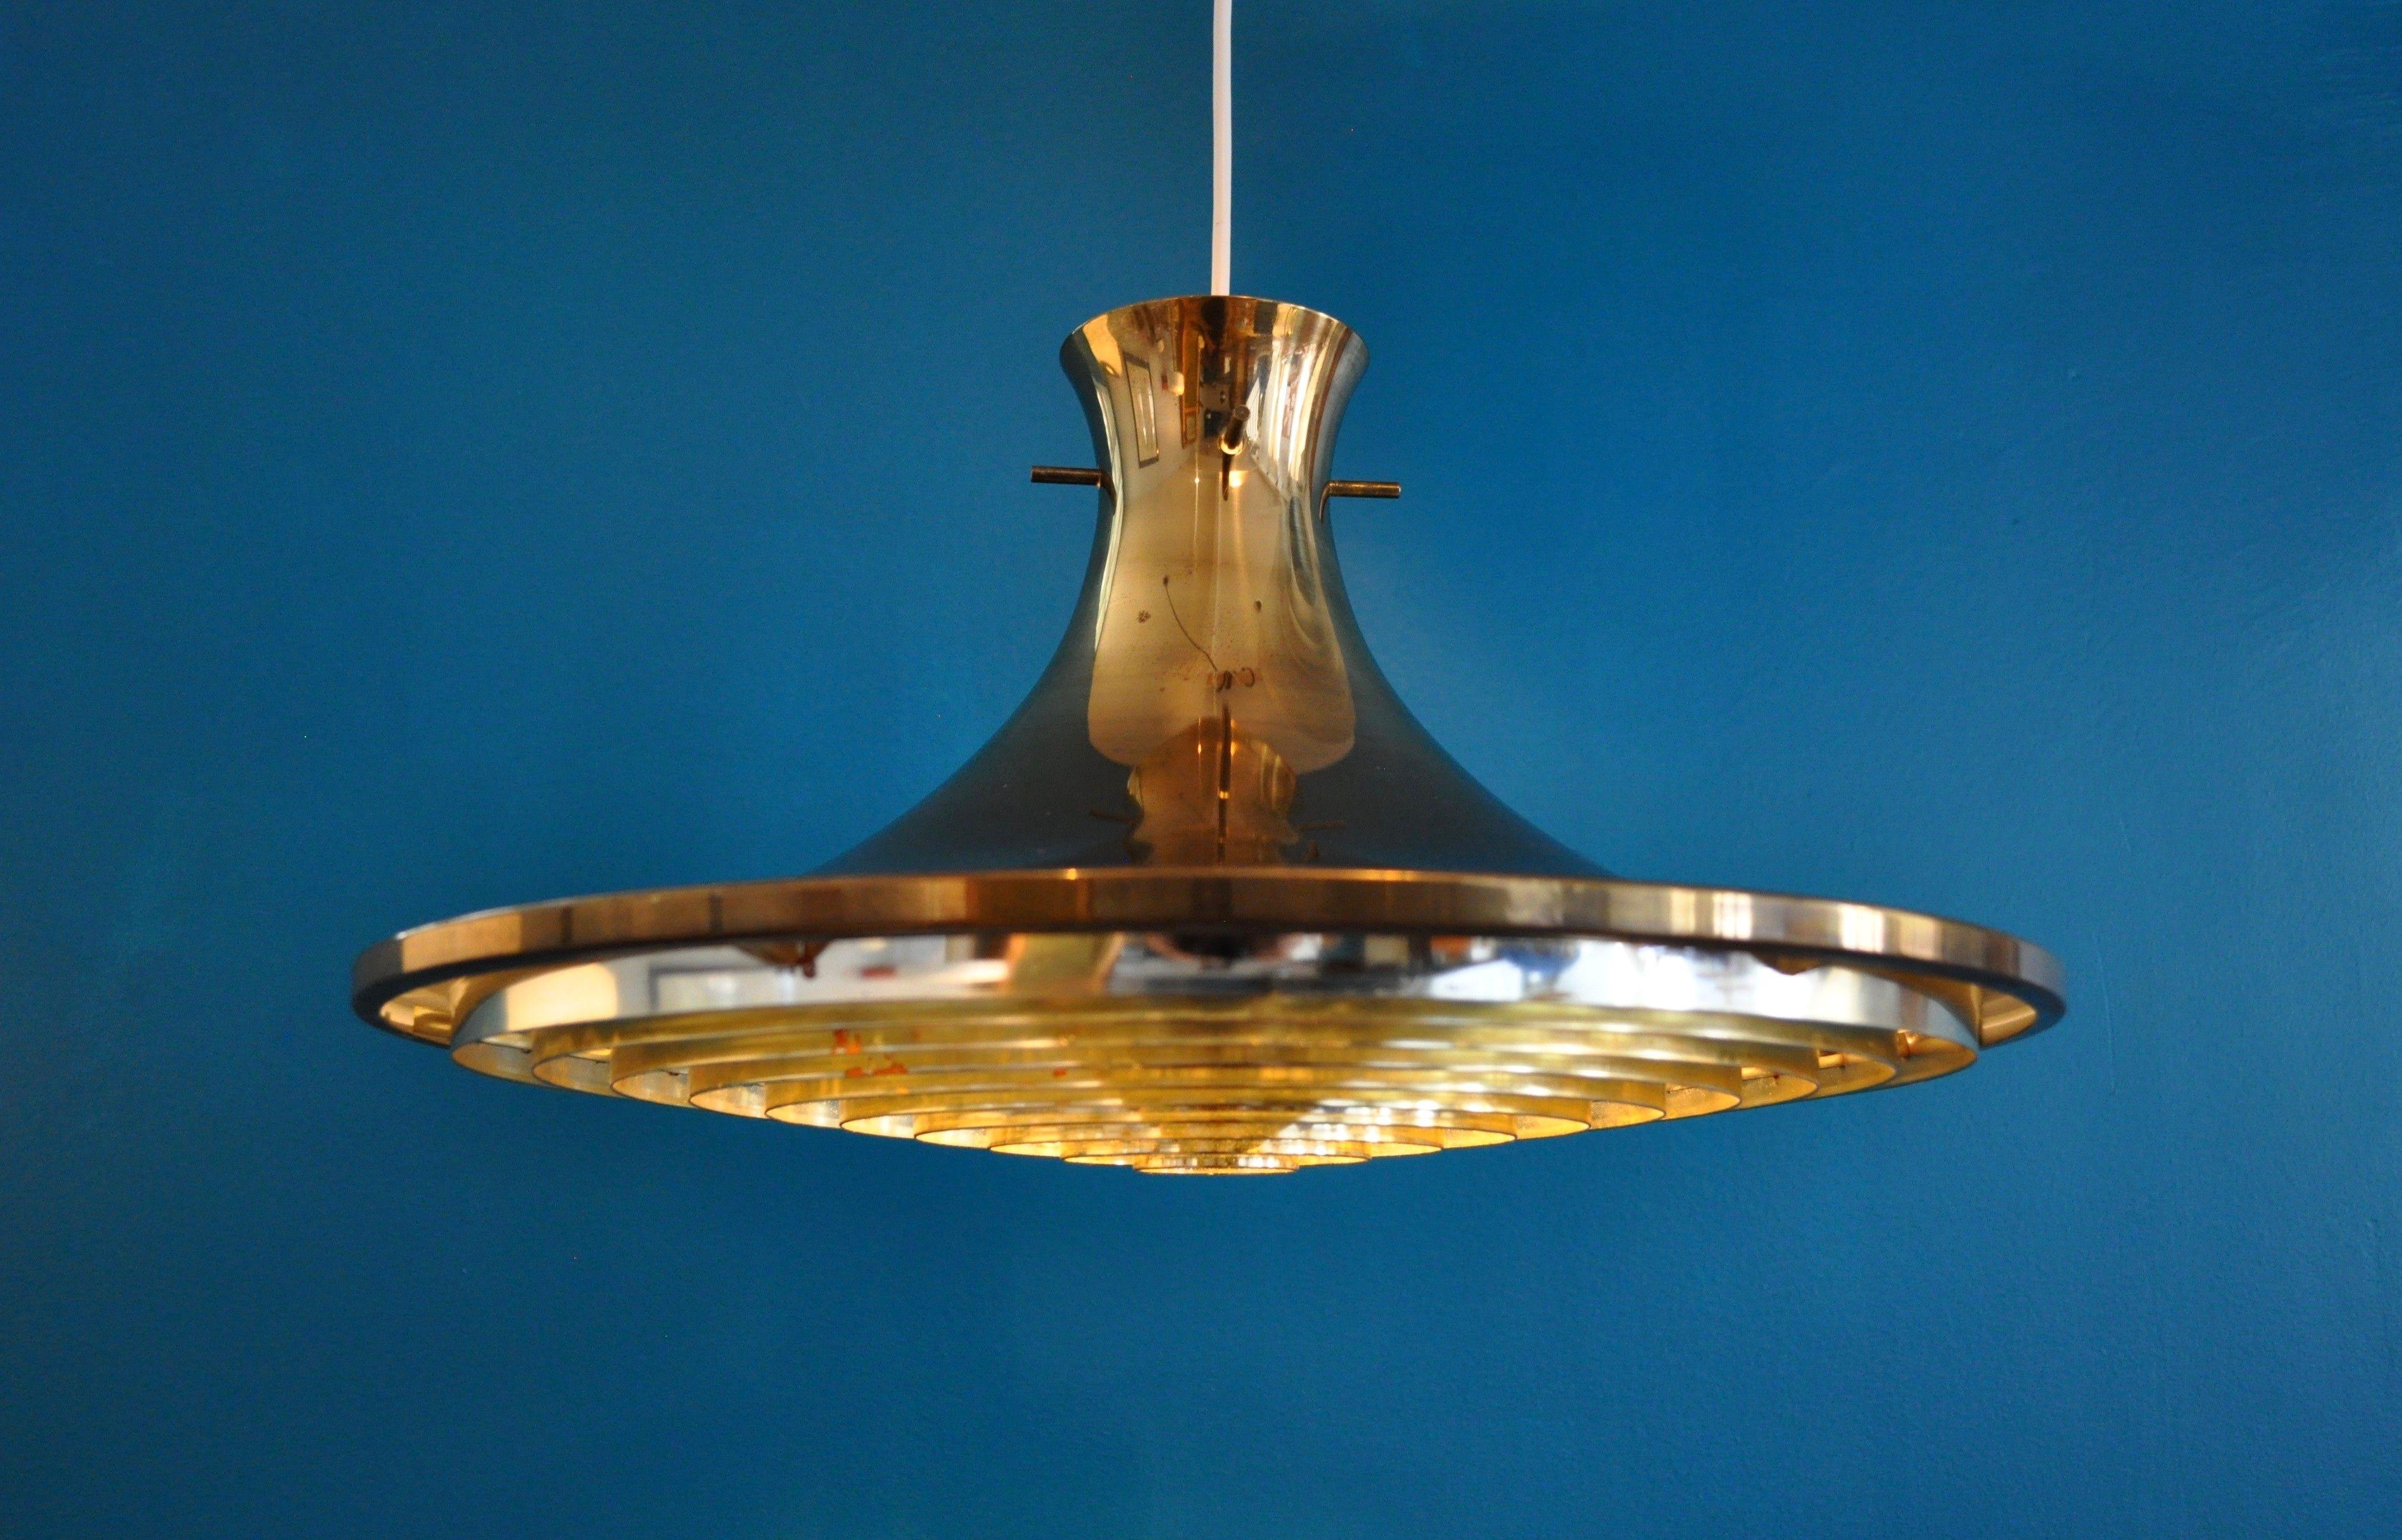 Applique Salle De Bain Avec Interrupteur Ikea Frais Images Luminaires Appliques Murales Projet – Sullivanmaxx